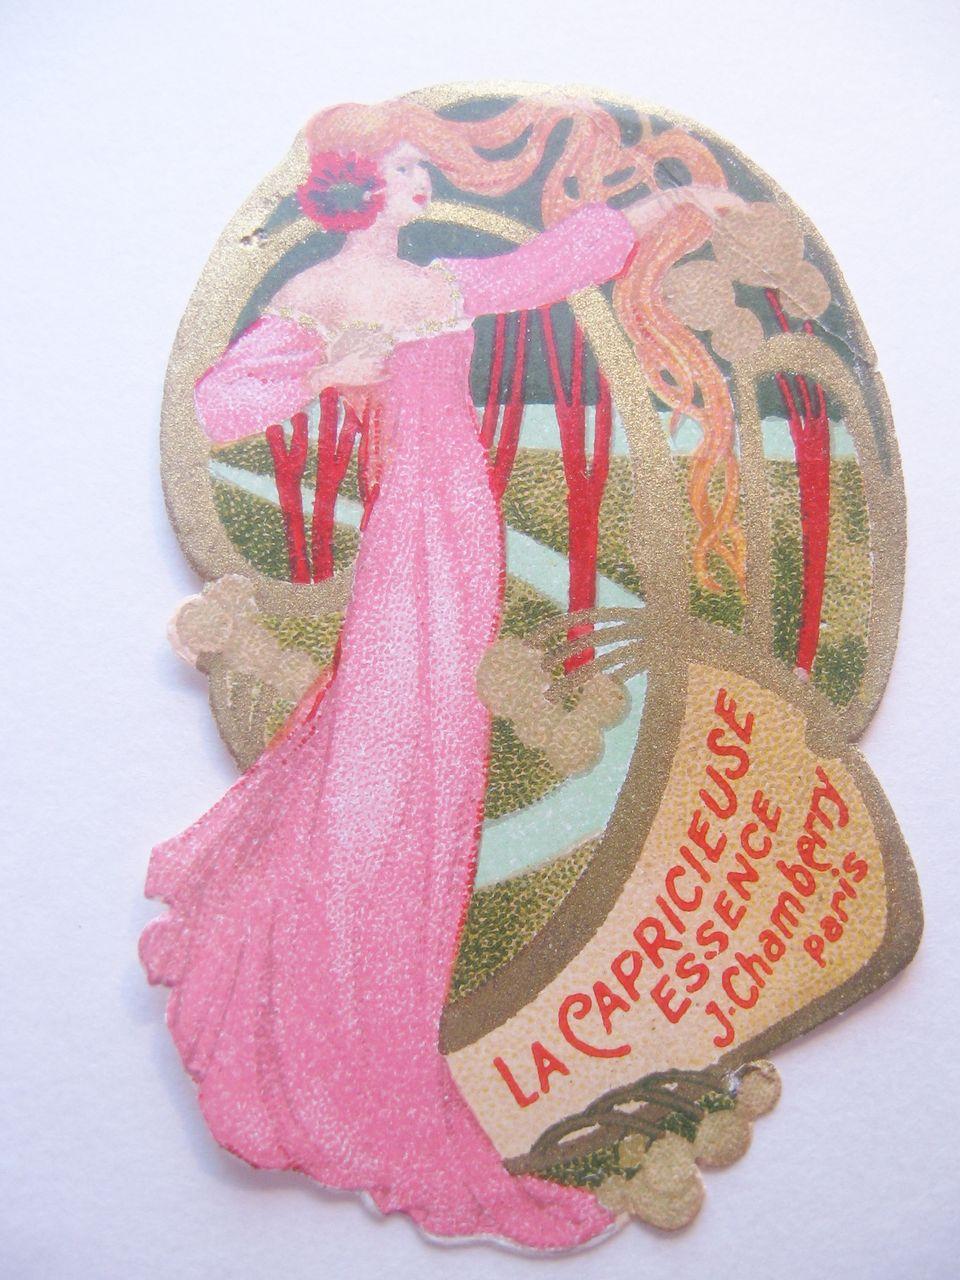 Vintage Original Perfume Label Art Nouveau Lady in the Trees-La Capricieuse Essence J Chamberry-Paris